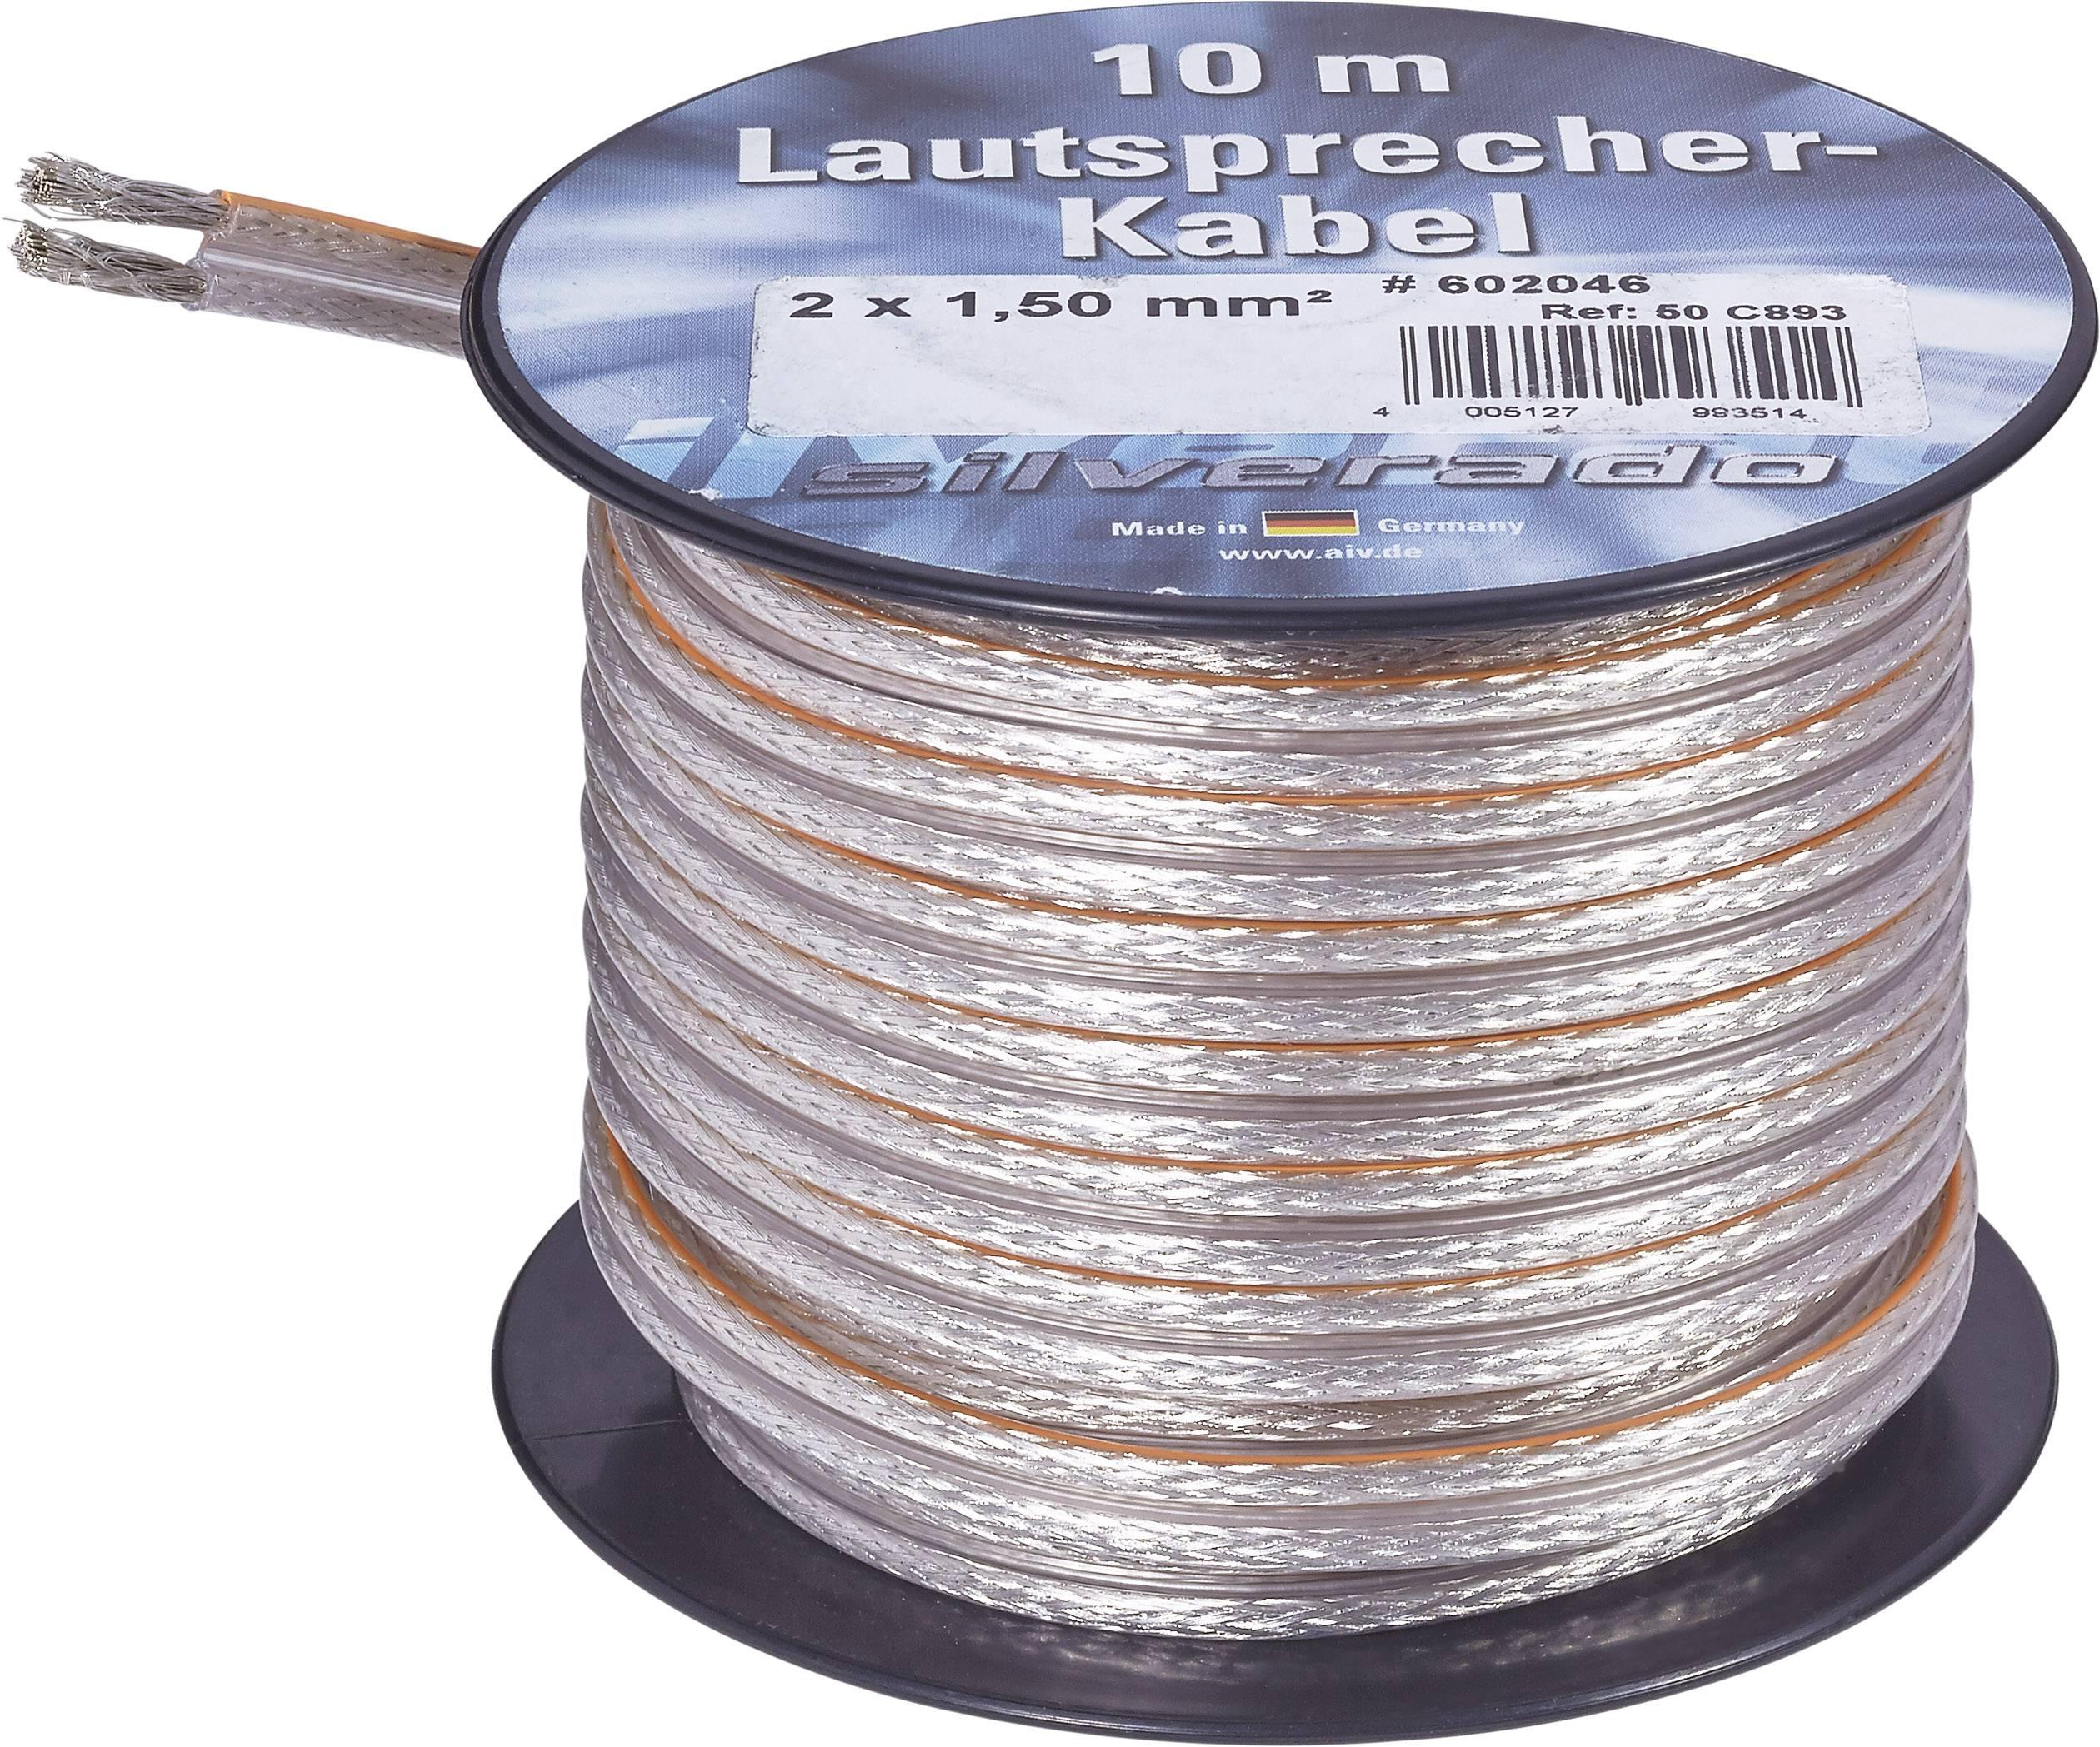 Kábel k reproduktoru AIV 23555L, 2 x 1.50 mm², strieborná, 10 m